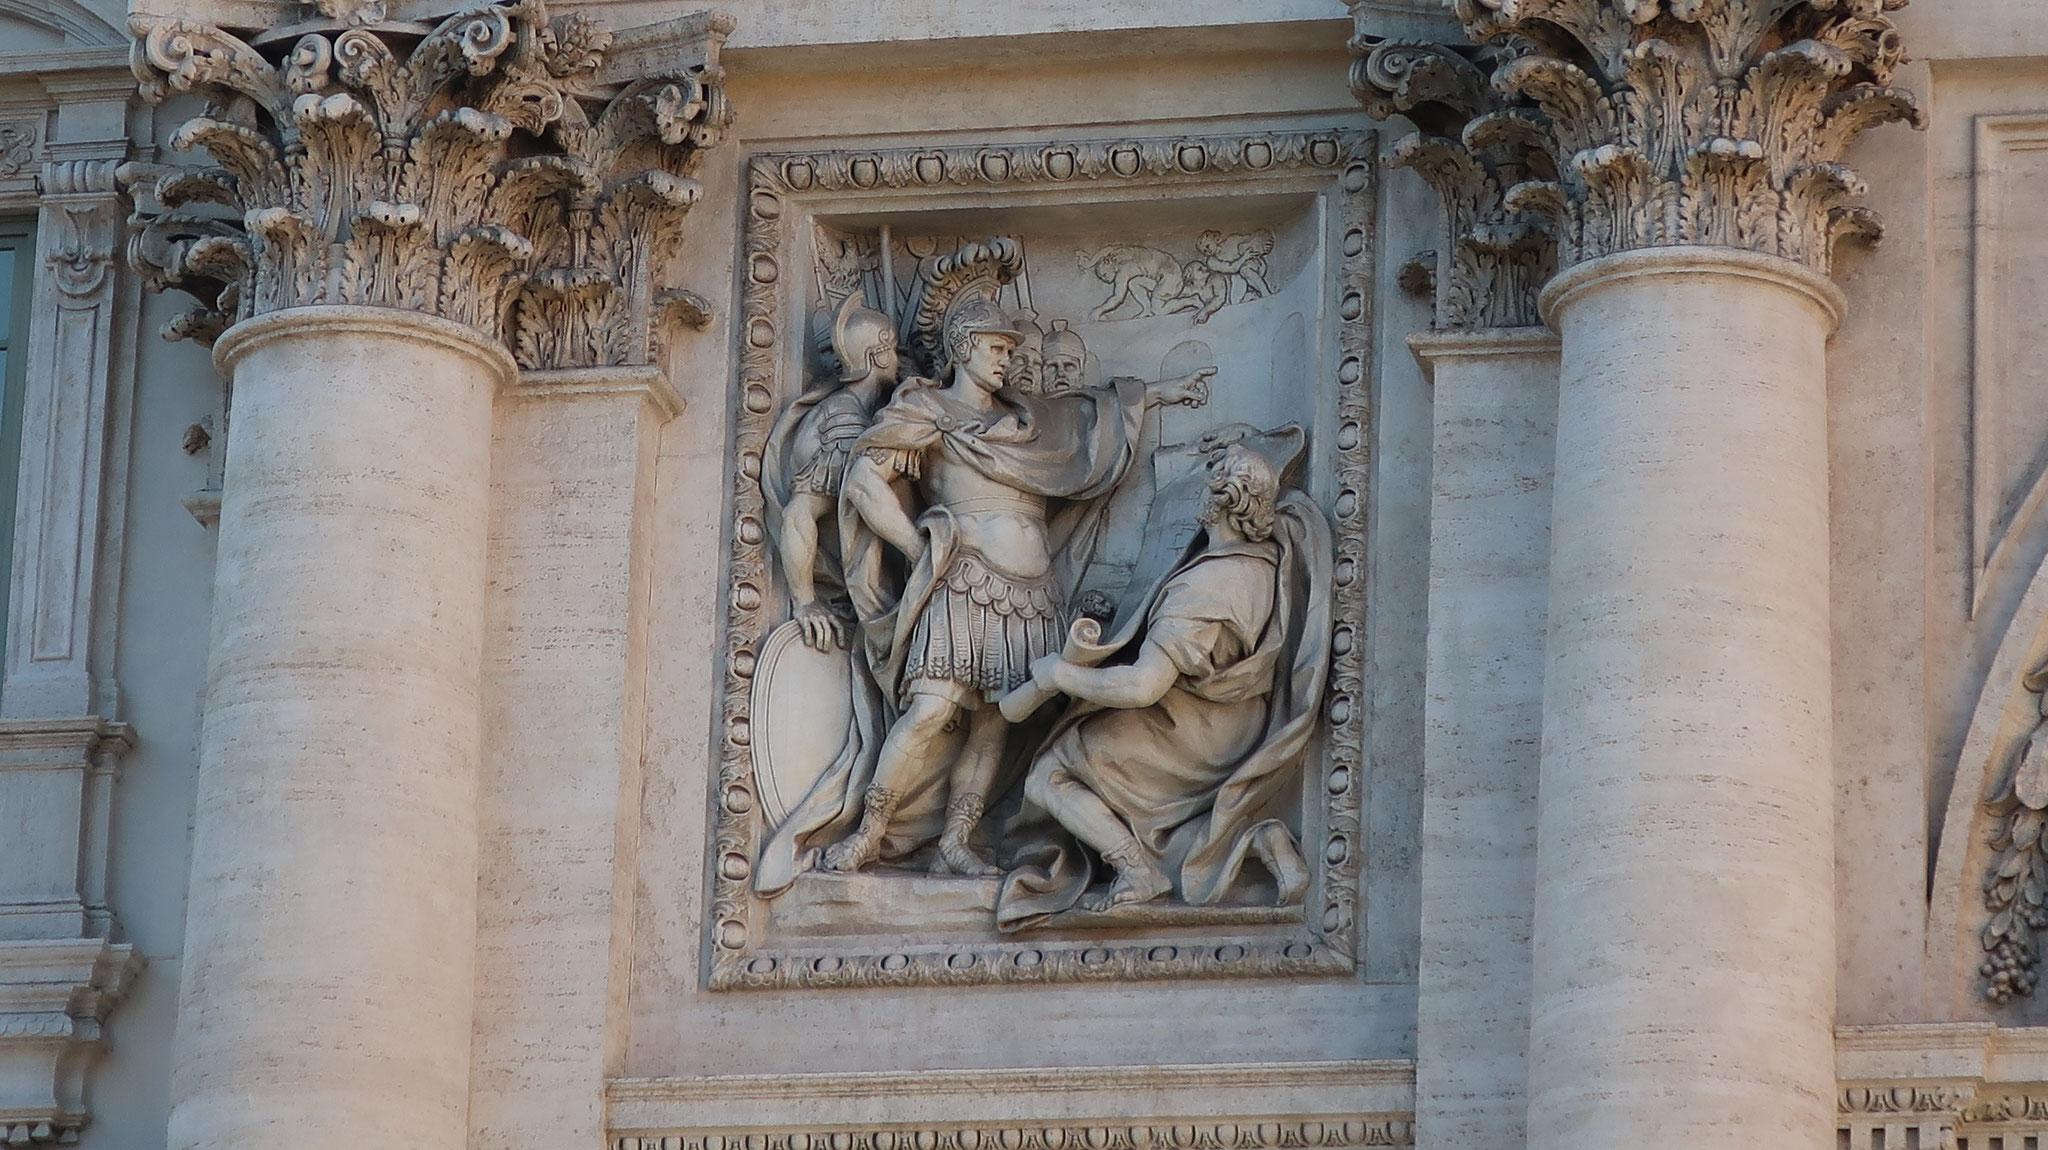 アグリッパが泉の水をローマに引く計画をアウグストゥス帝に説明している様子。